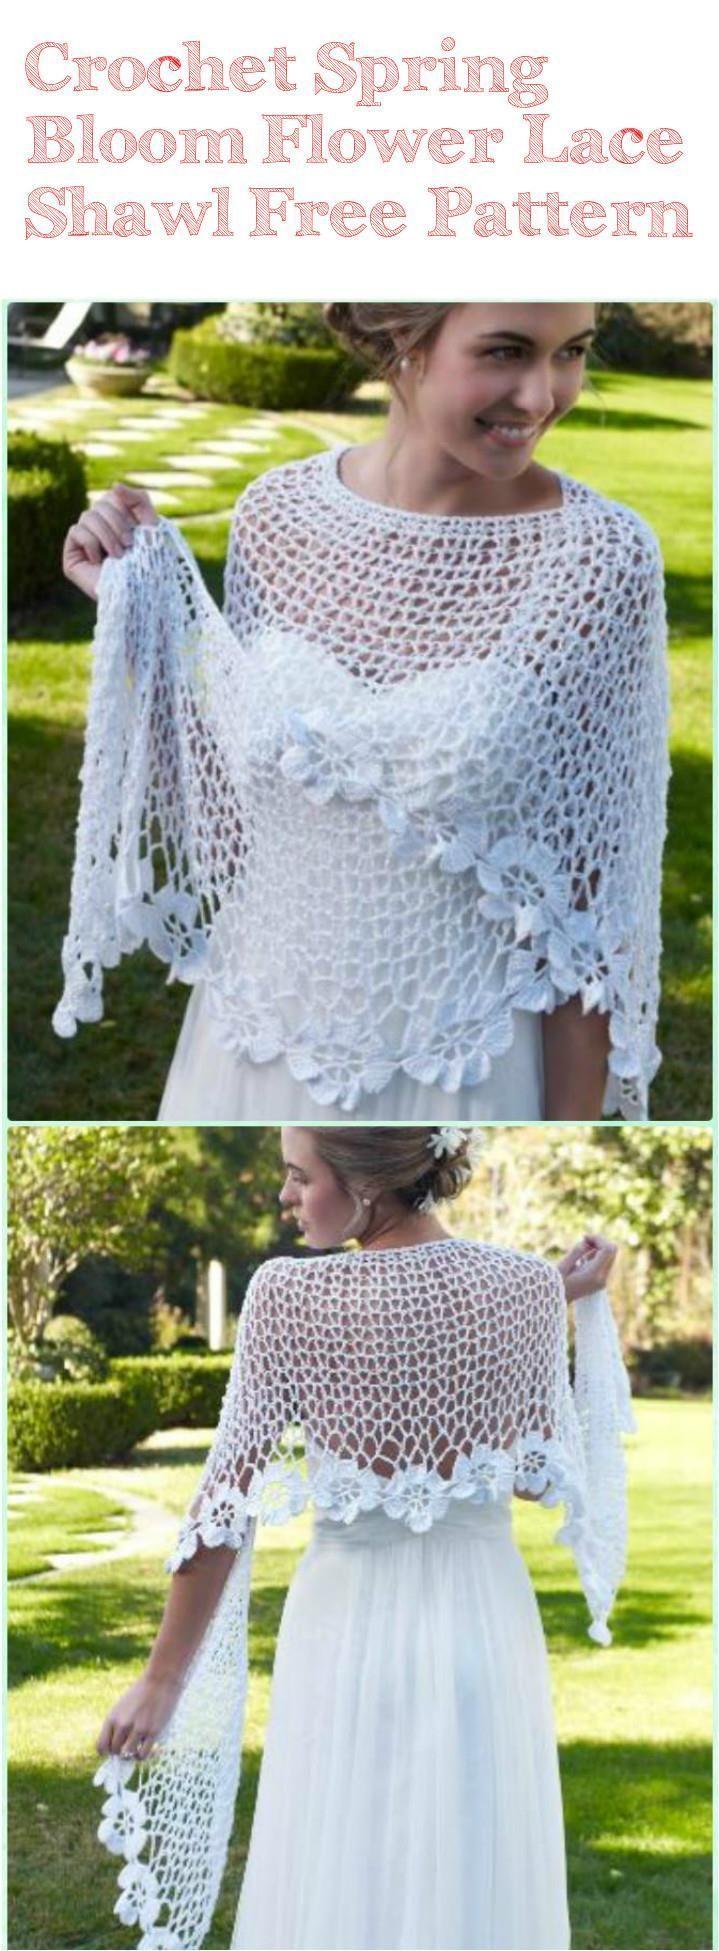 Crochet Spring Bloom Flower Lace Shawl - 10 FREE Crochet Shawl Patterns for Women's   101 Crochet